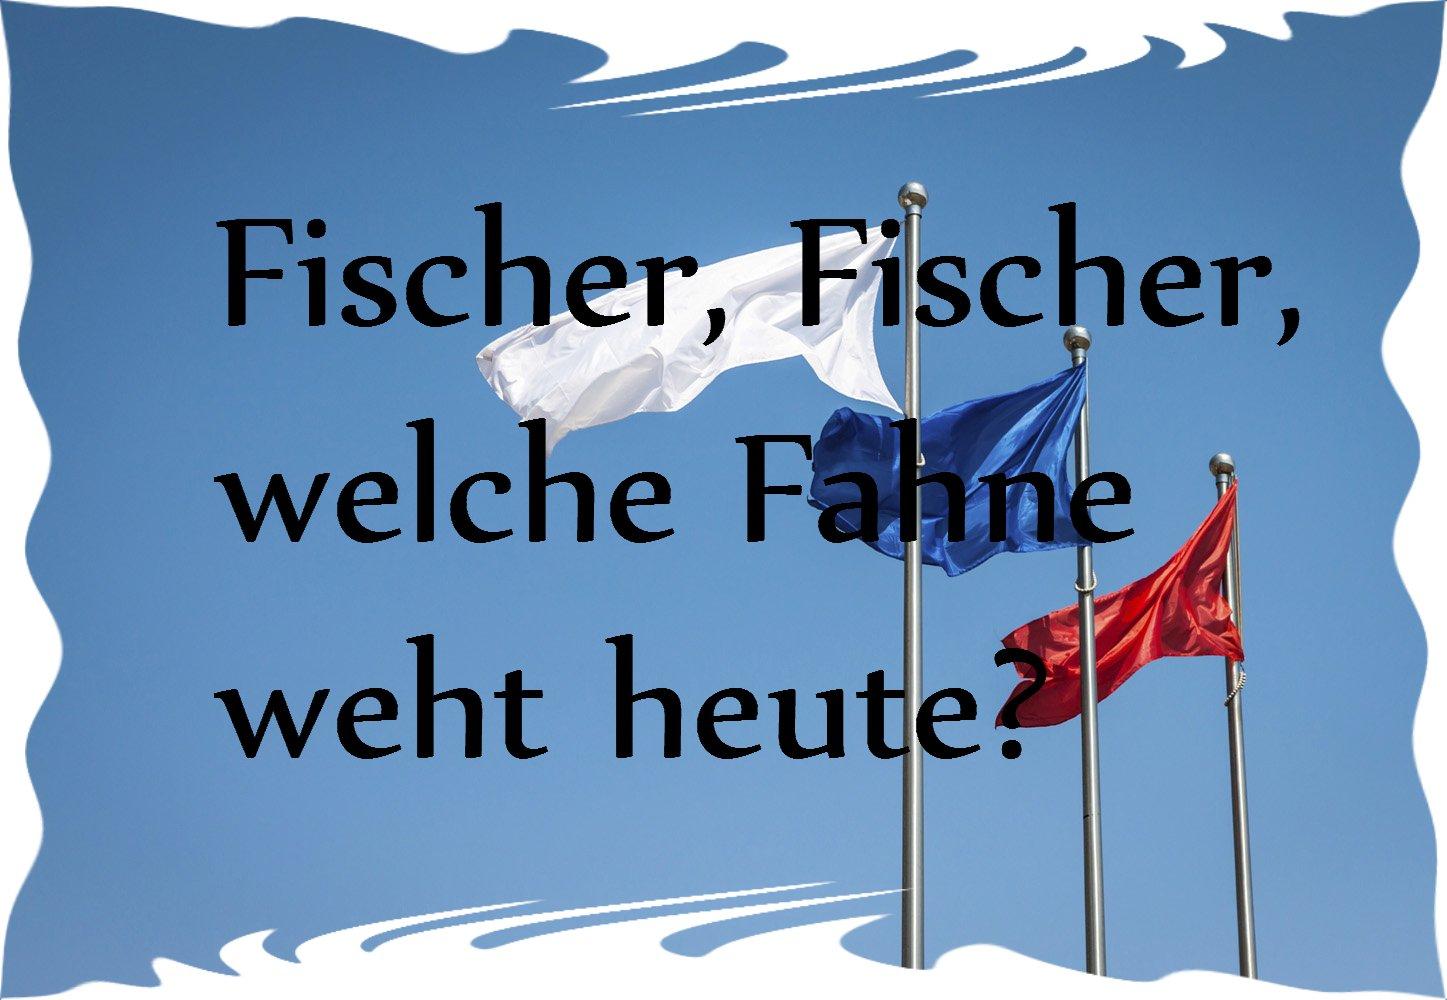 Fischer Fischer Welche Fahne Weht Heute